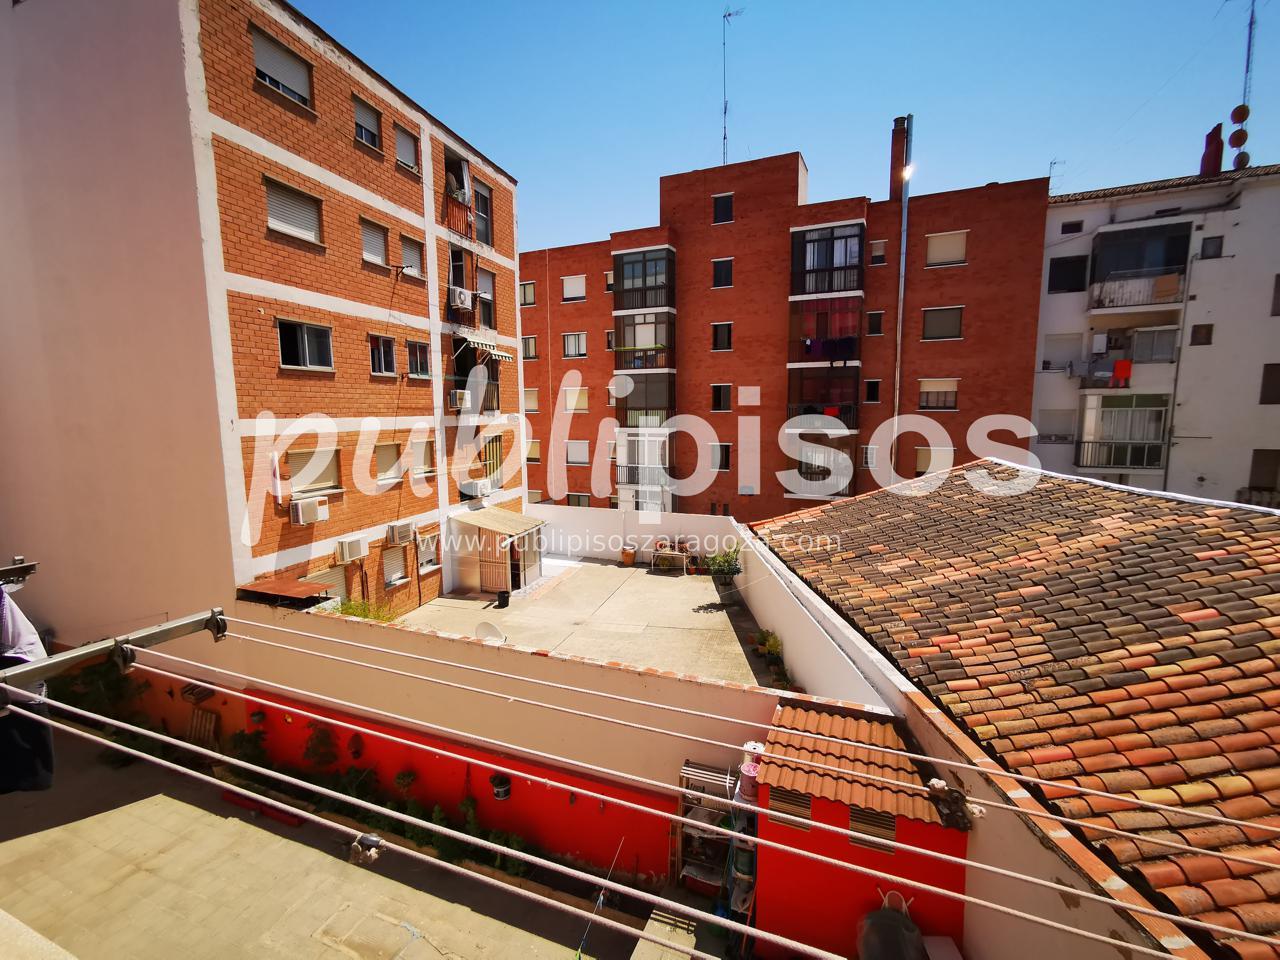 Piso grande de alquiler Arrabal Zaragoza-25